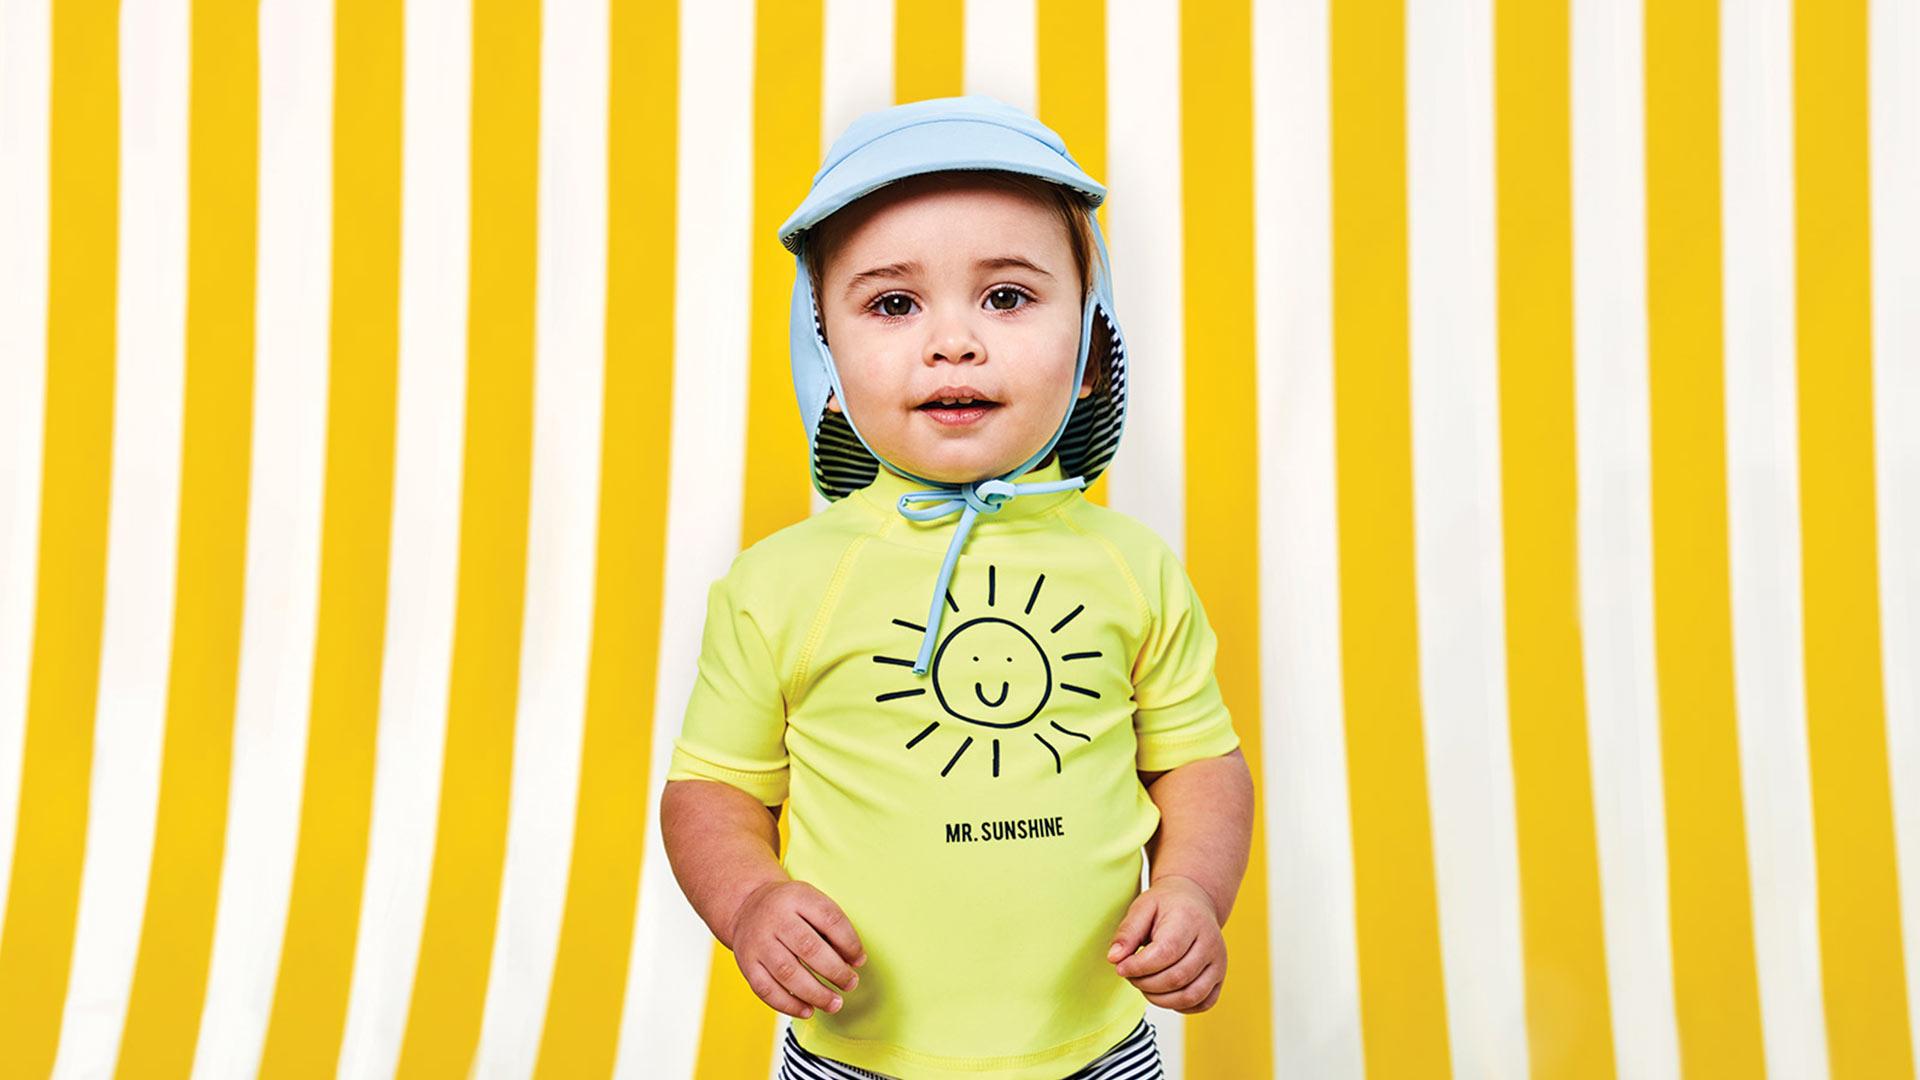 Protégez la peau délicate de vos petits trésors contre les rayons agressifs du soleil grâce à notre collection de maillots avec protection UV !